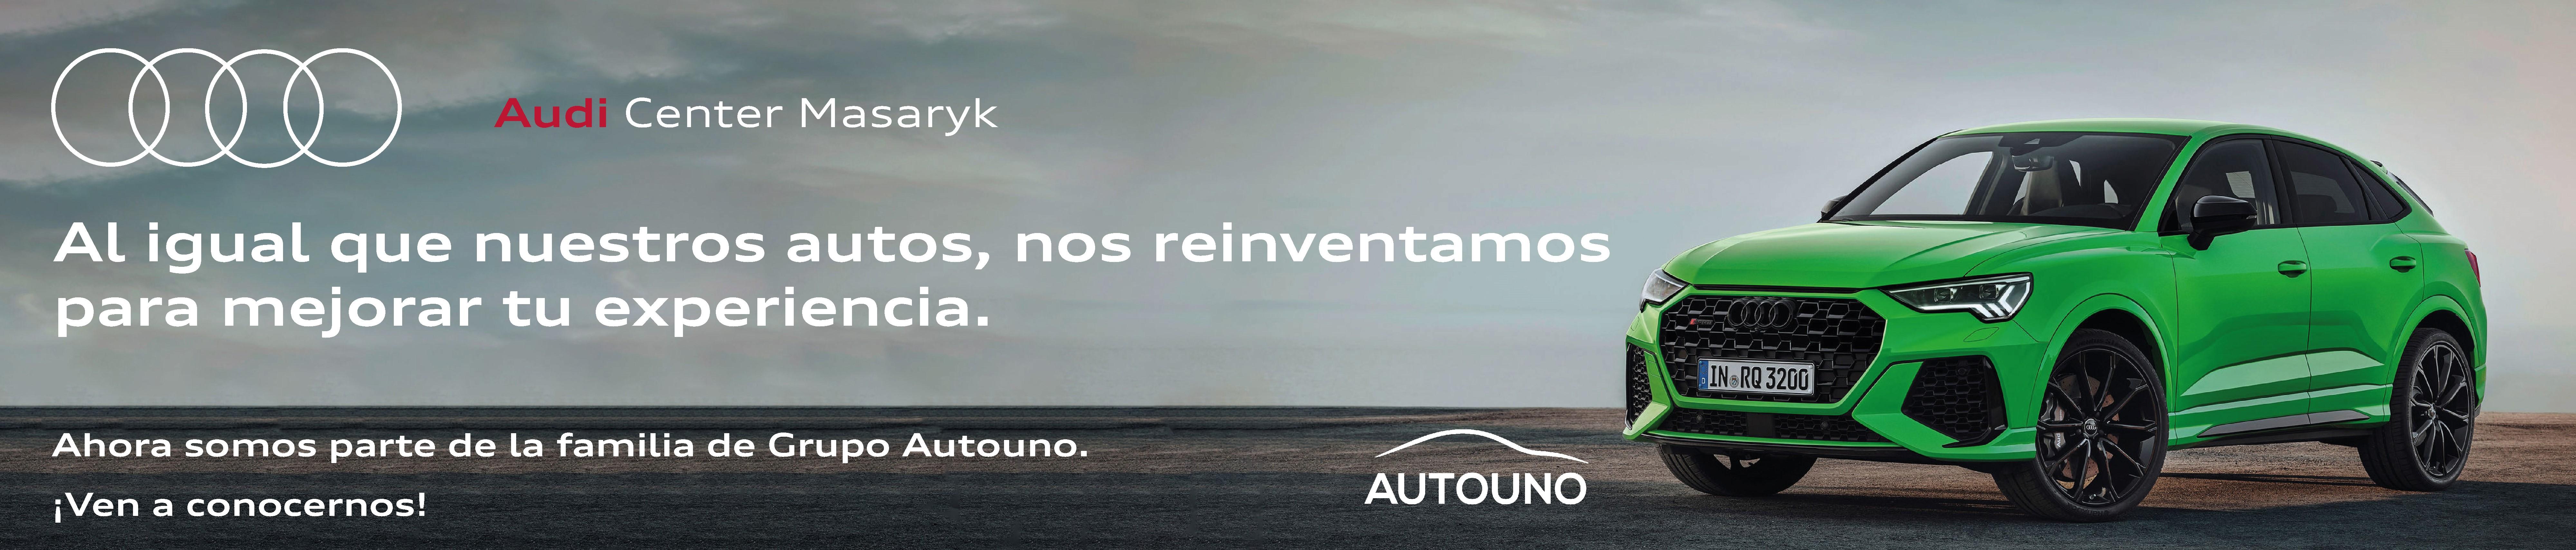 Audi Center Masaryk